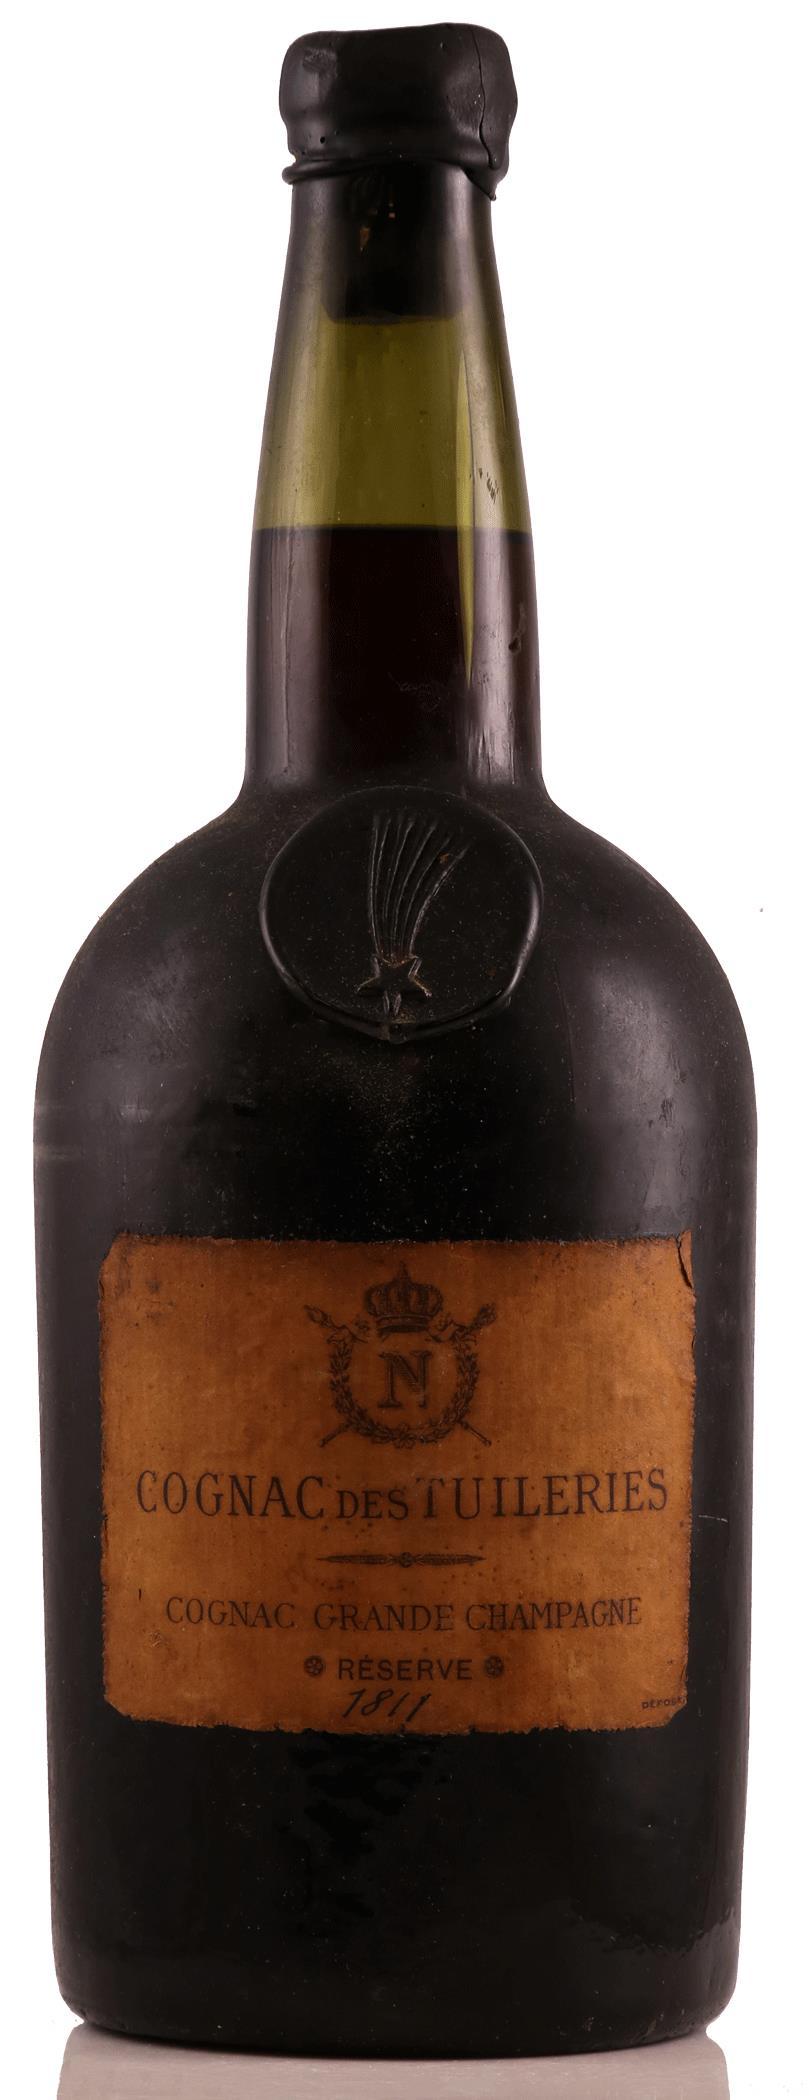 Cognac 1811 Tuileries